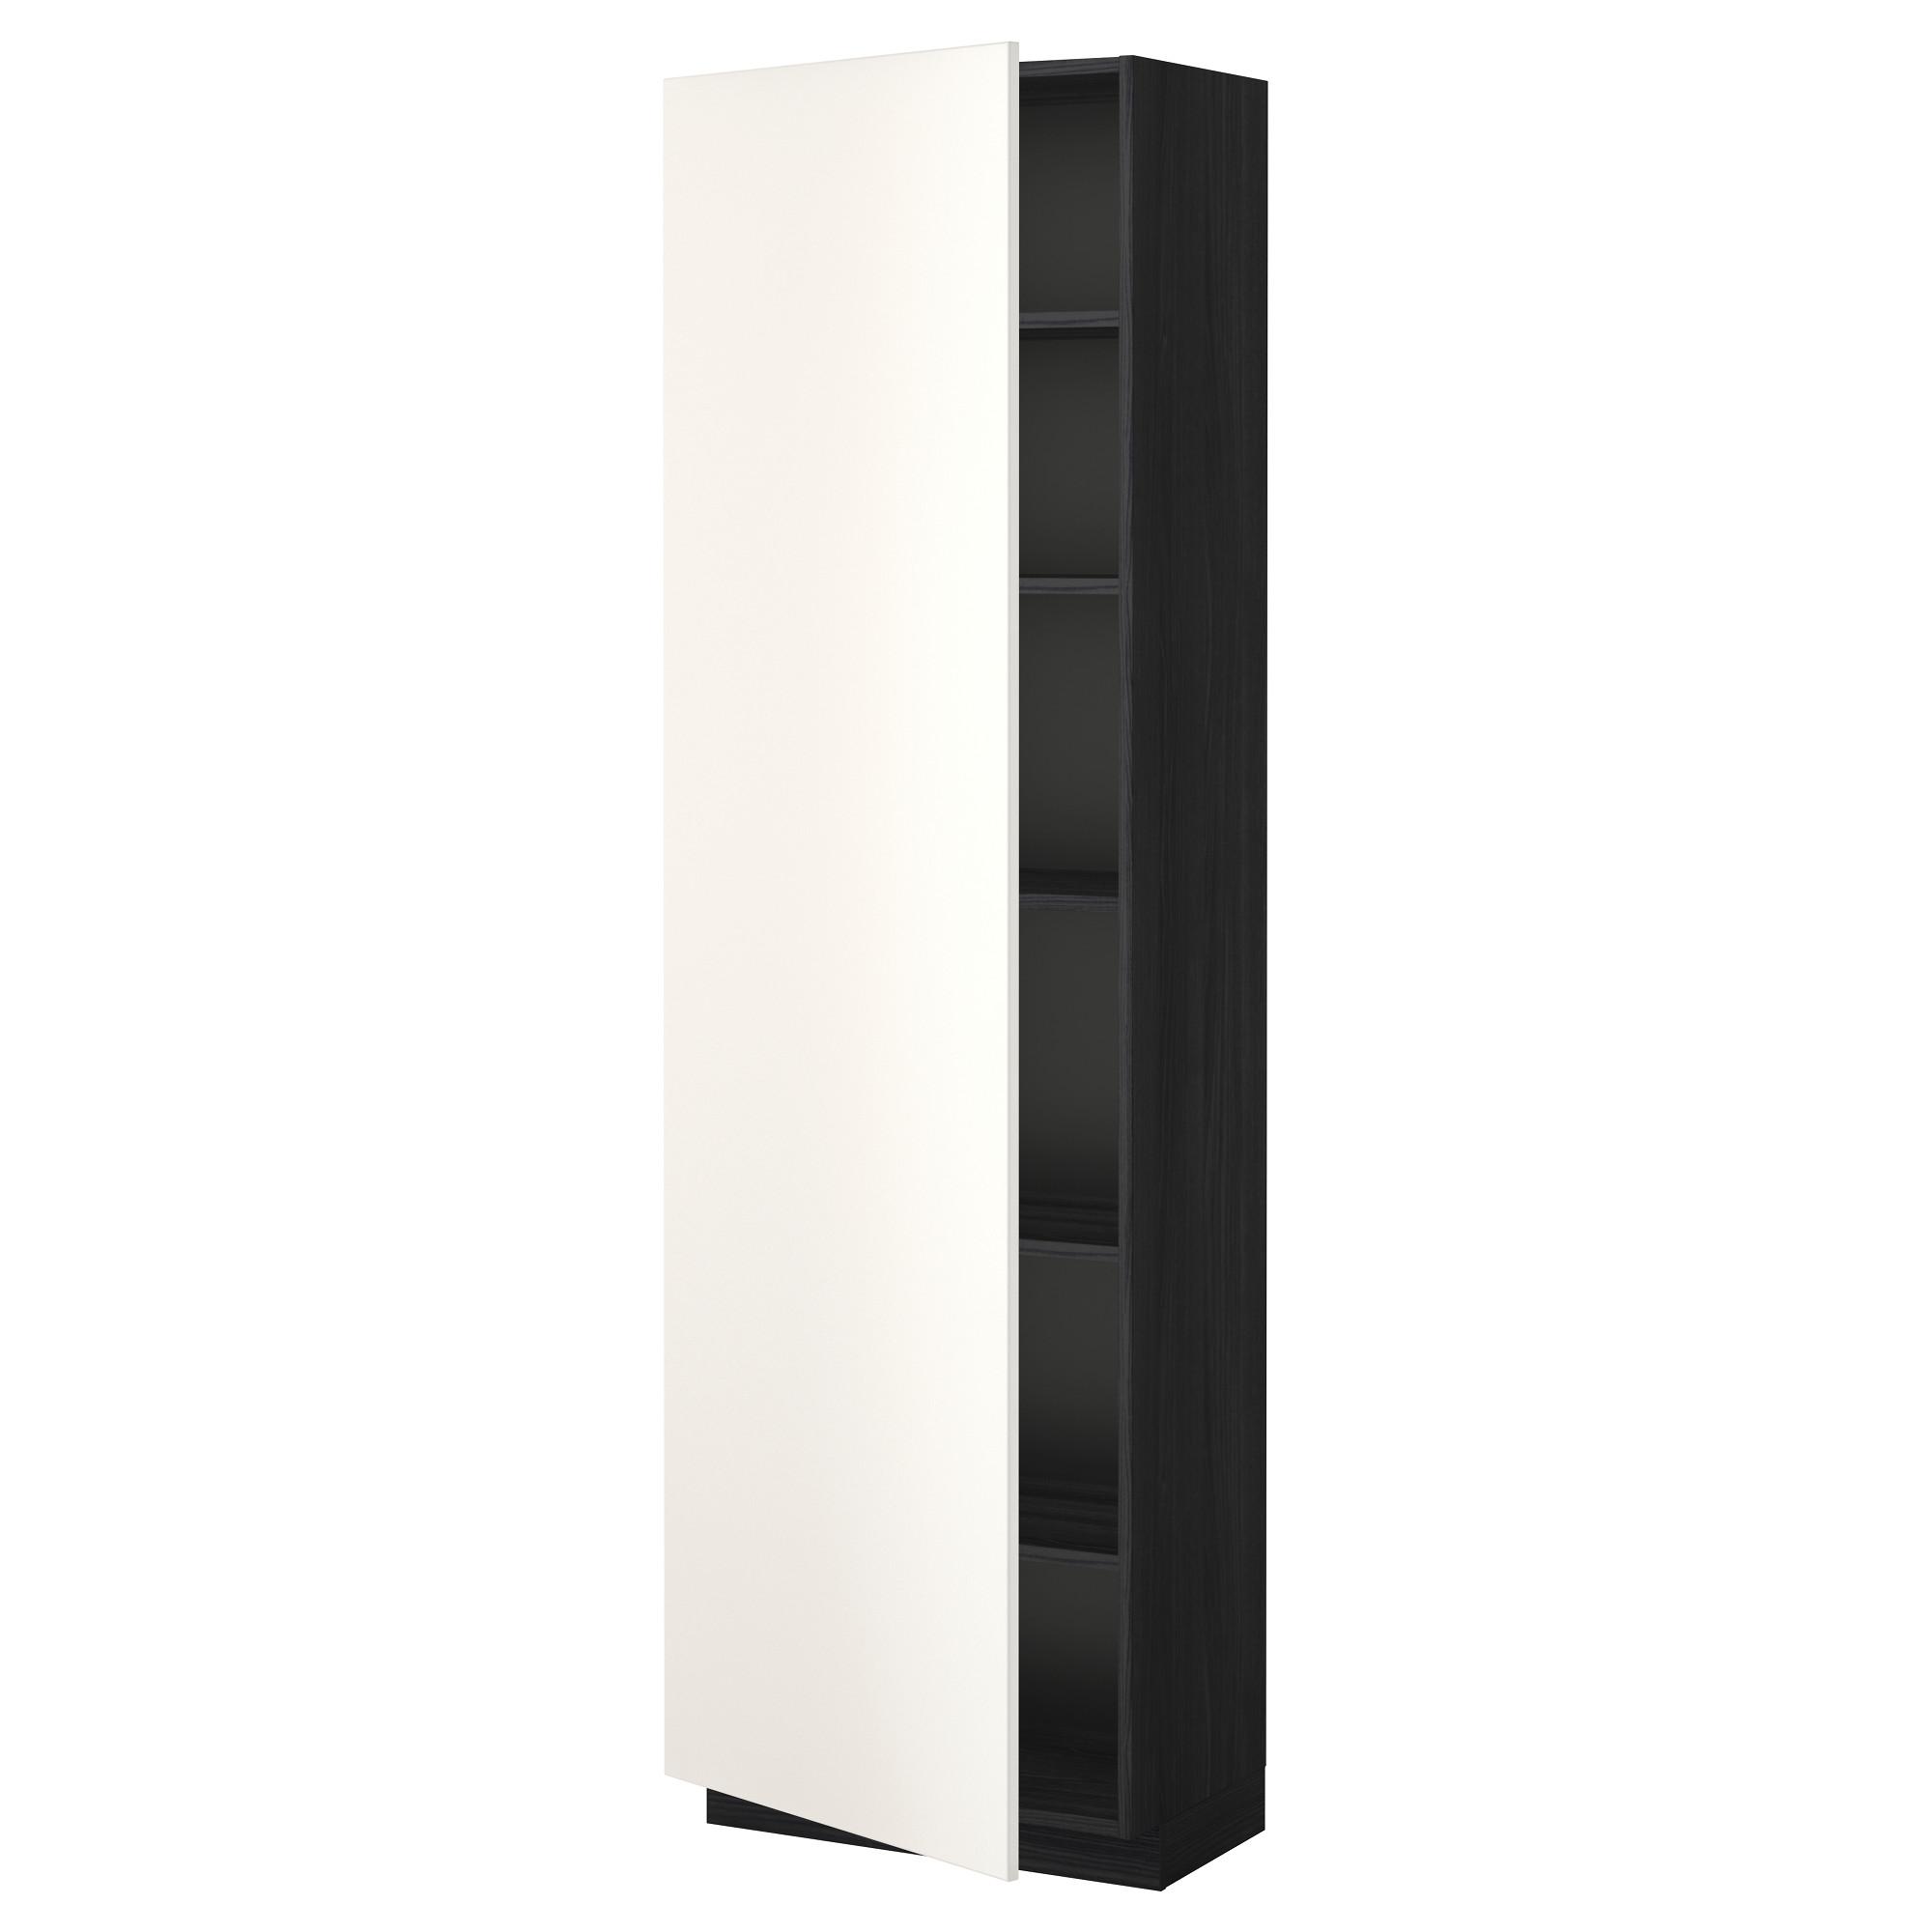 Высокий шкаф с полками МЕТОД черный артикуль № 992.239.40 в наличии. Интернет каталог IKEA РБ. Быстрая доставка и соборка.